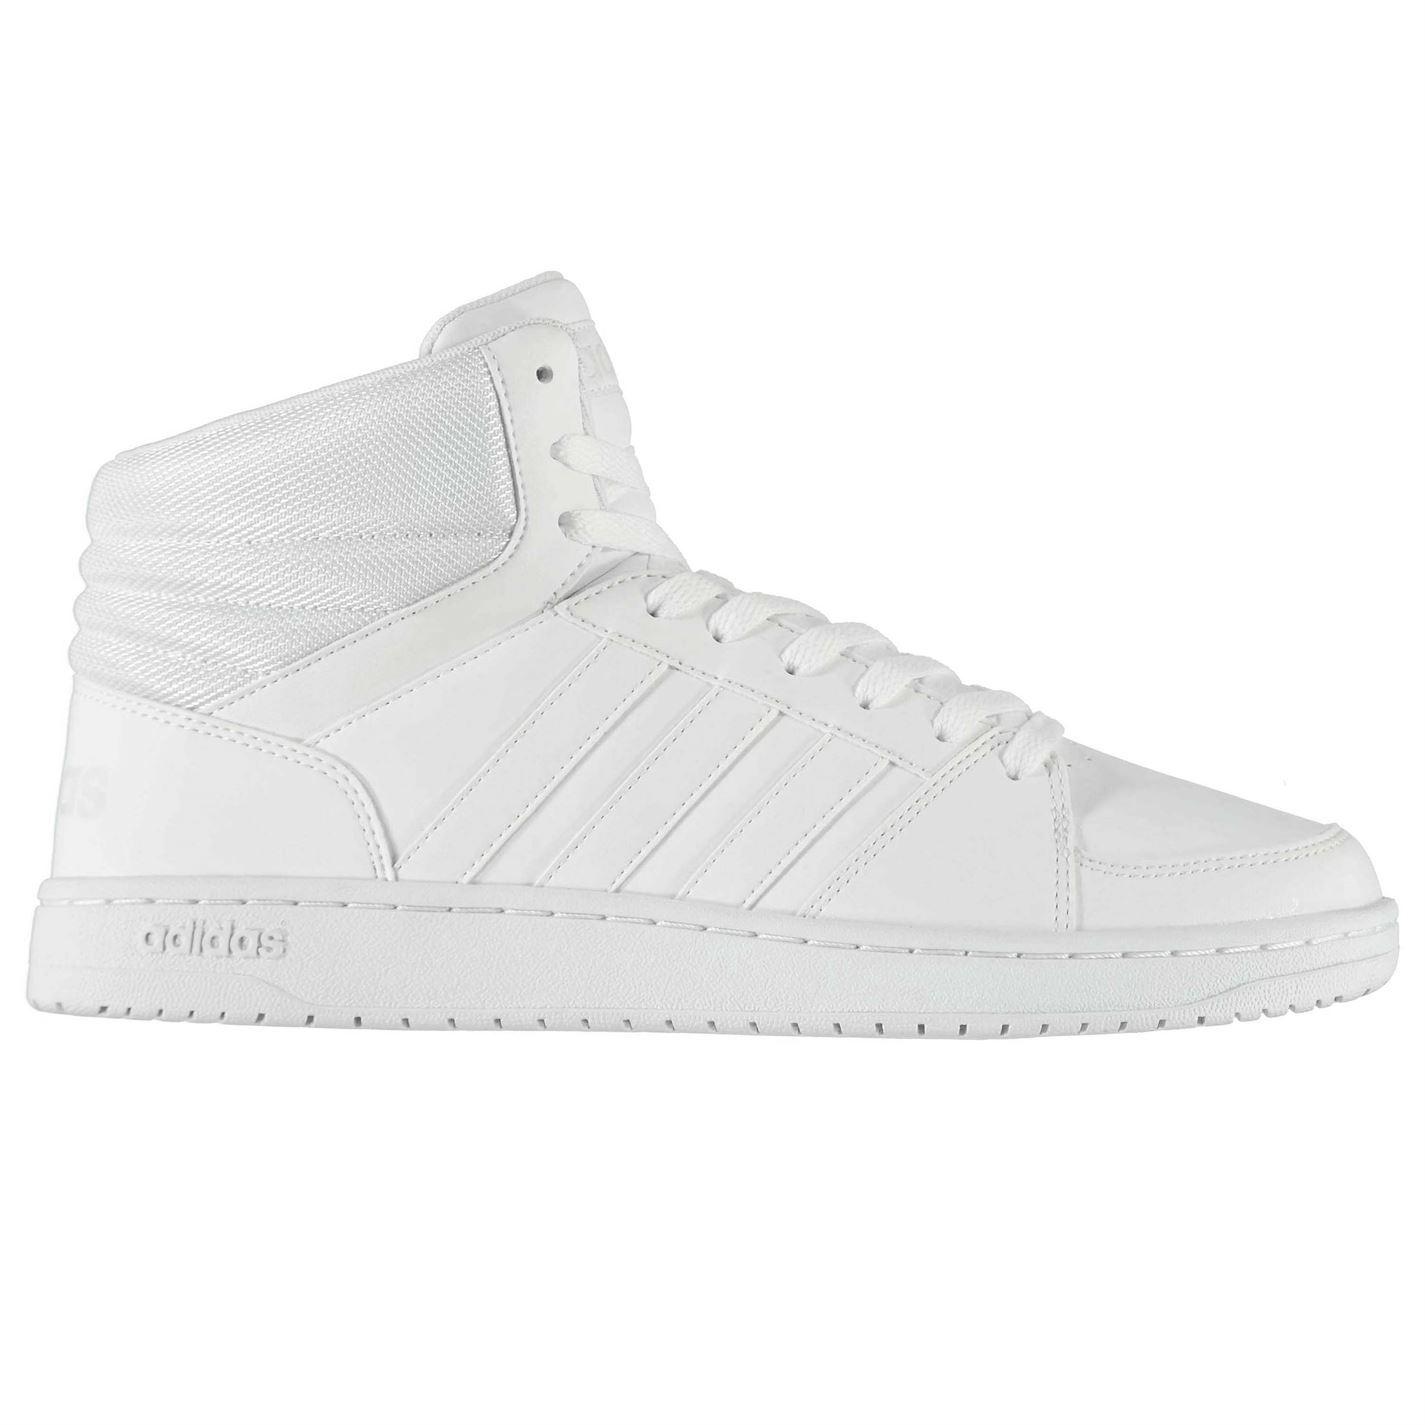 Adidas Hombre caballeros aros Mid Top Leather Trainers zapatos calzado la zapatos de cordones sujetan la calzado más popular para los hombres y las mujeres 2d7d48